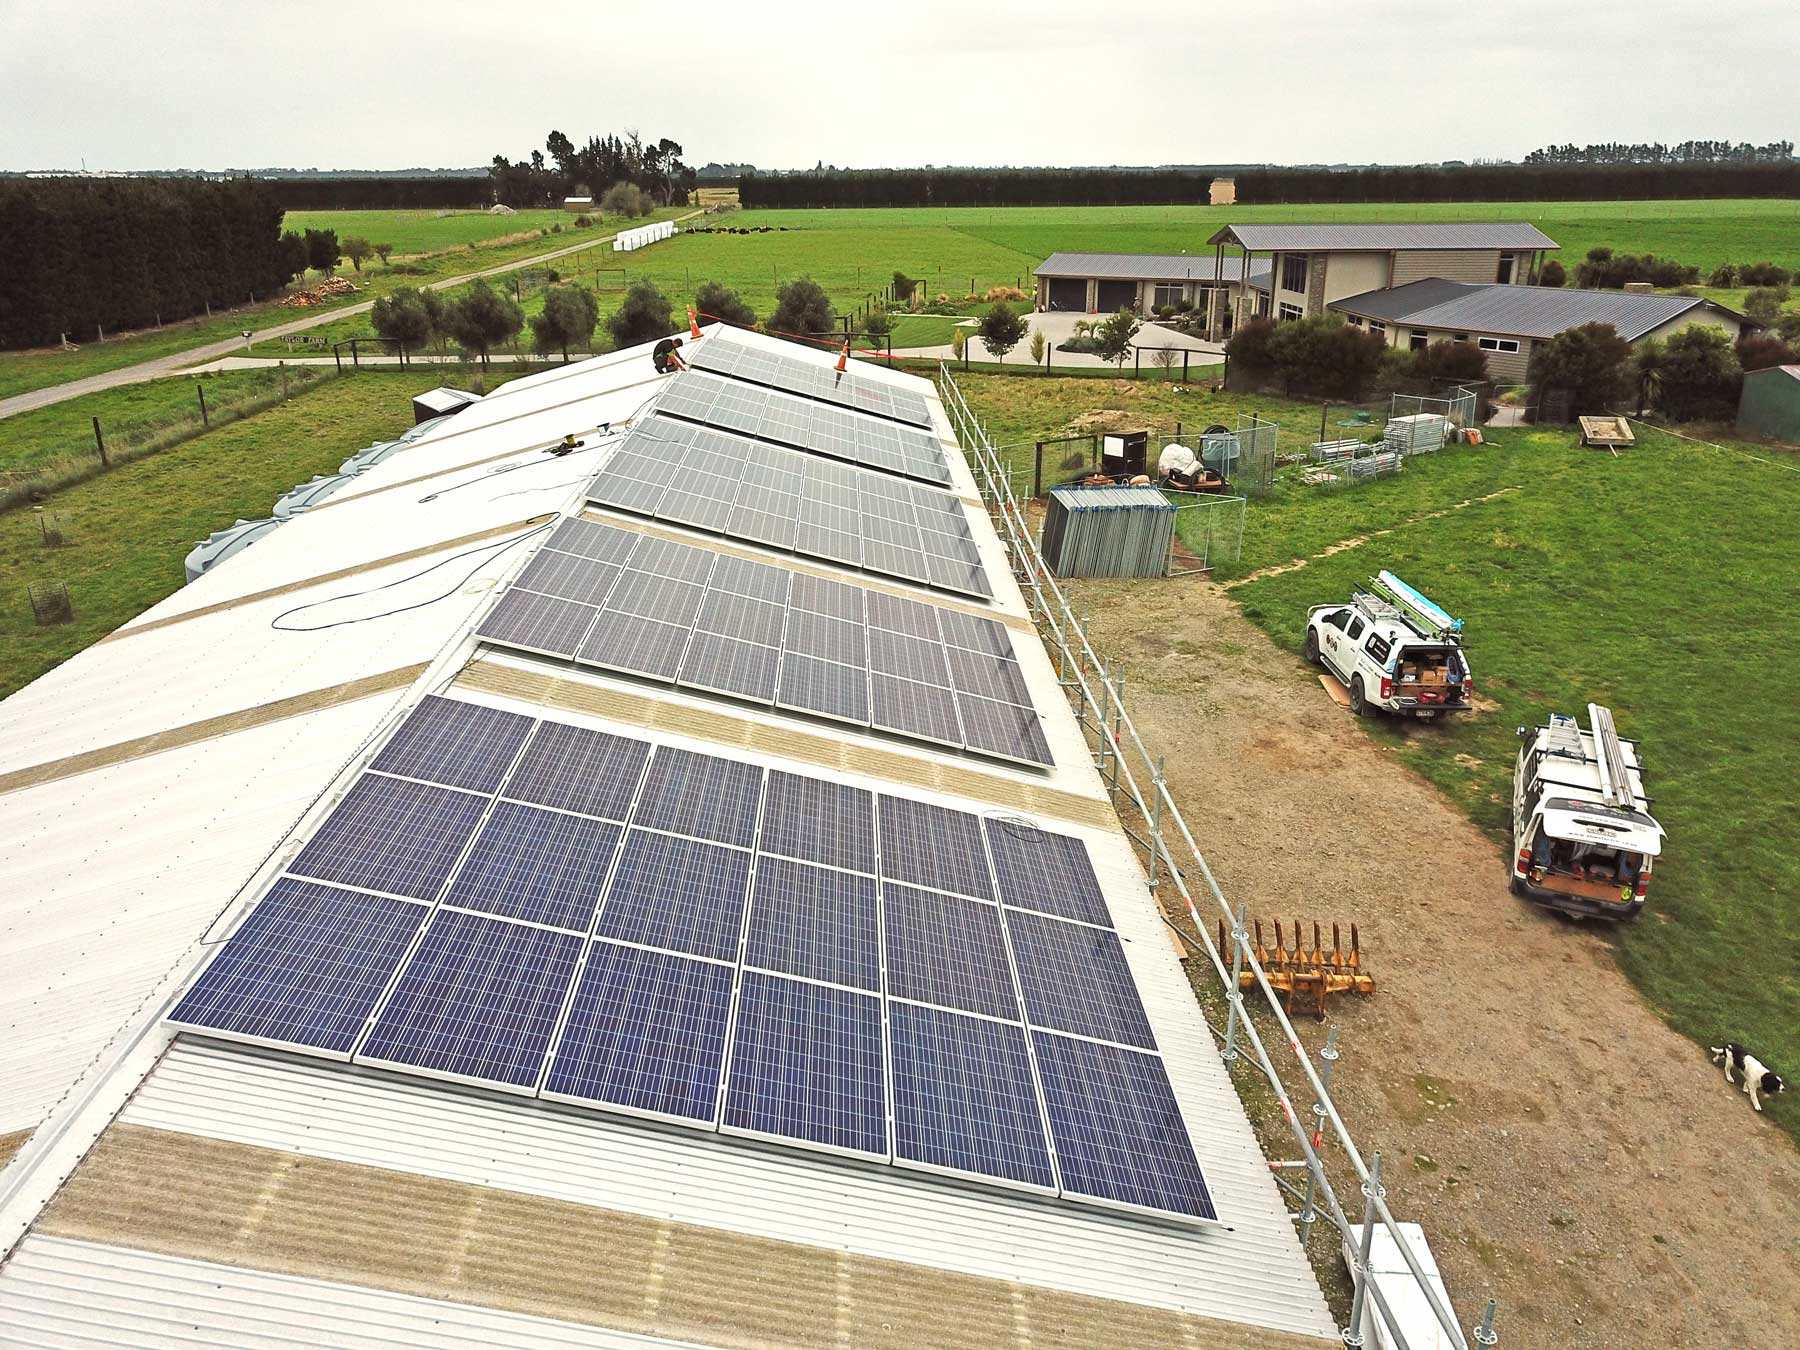 PeterTaylor_solar_installation_0351_1800p